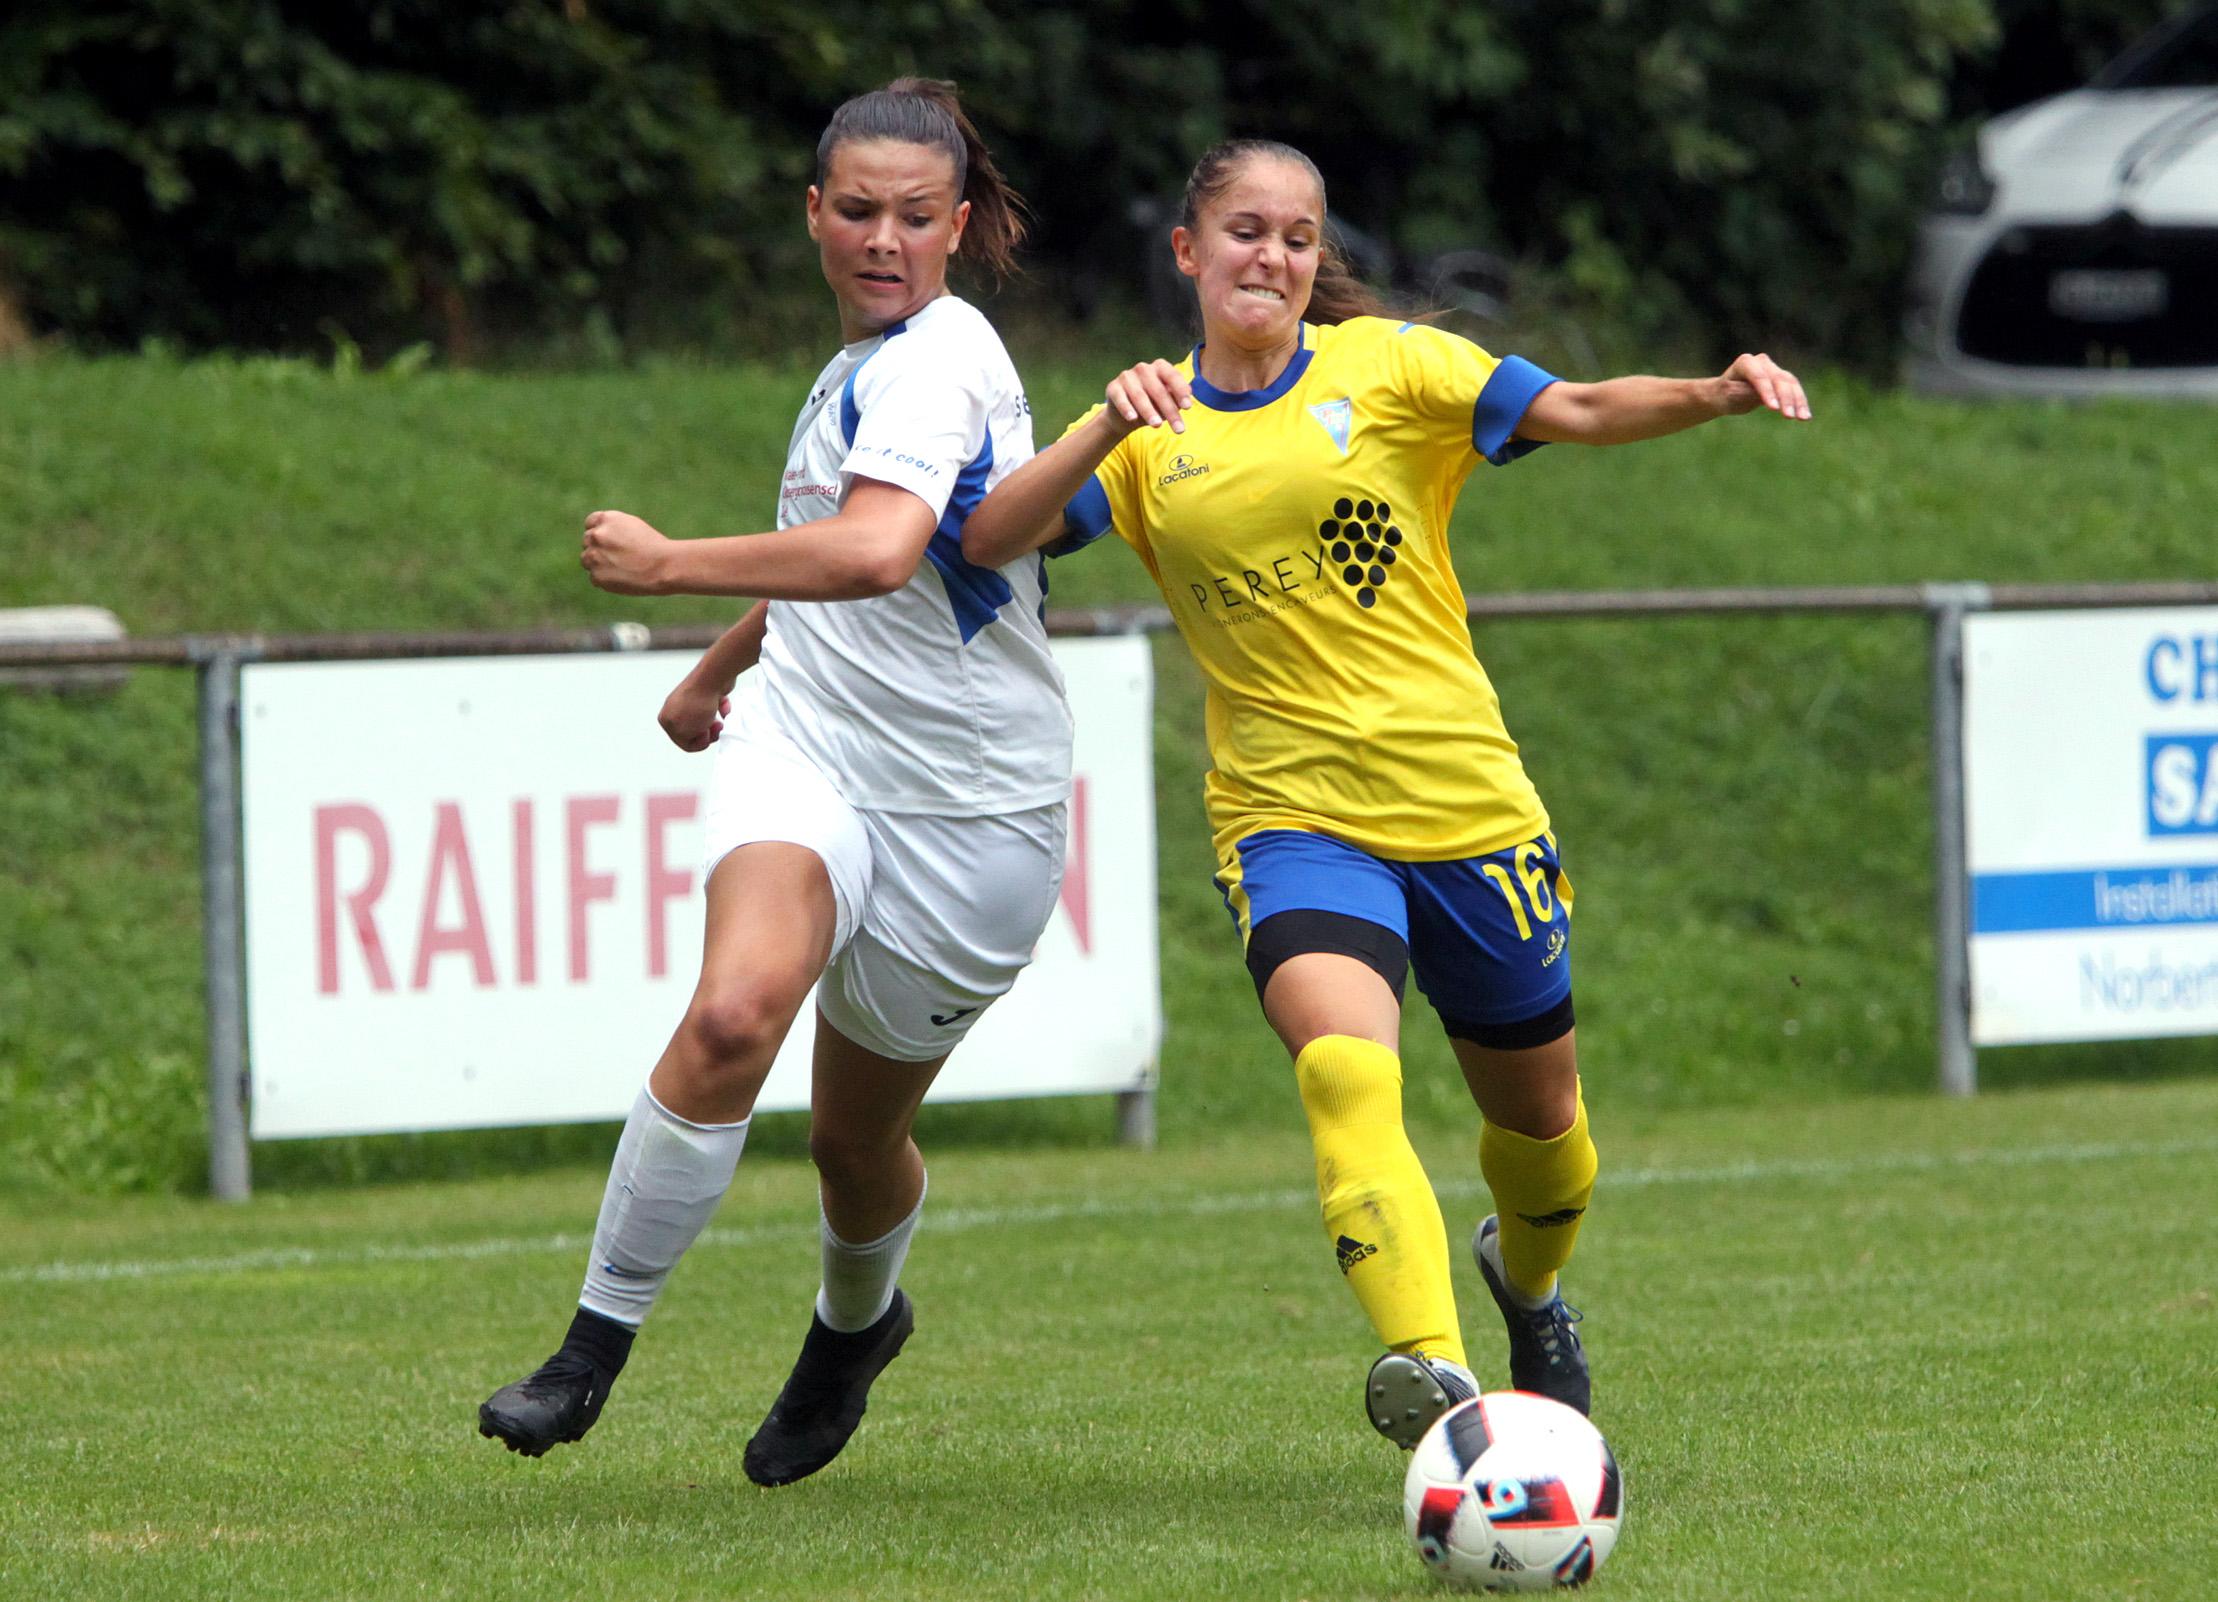 Signaux positifs pour le FC Pied du Jura